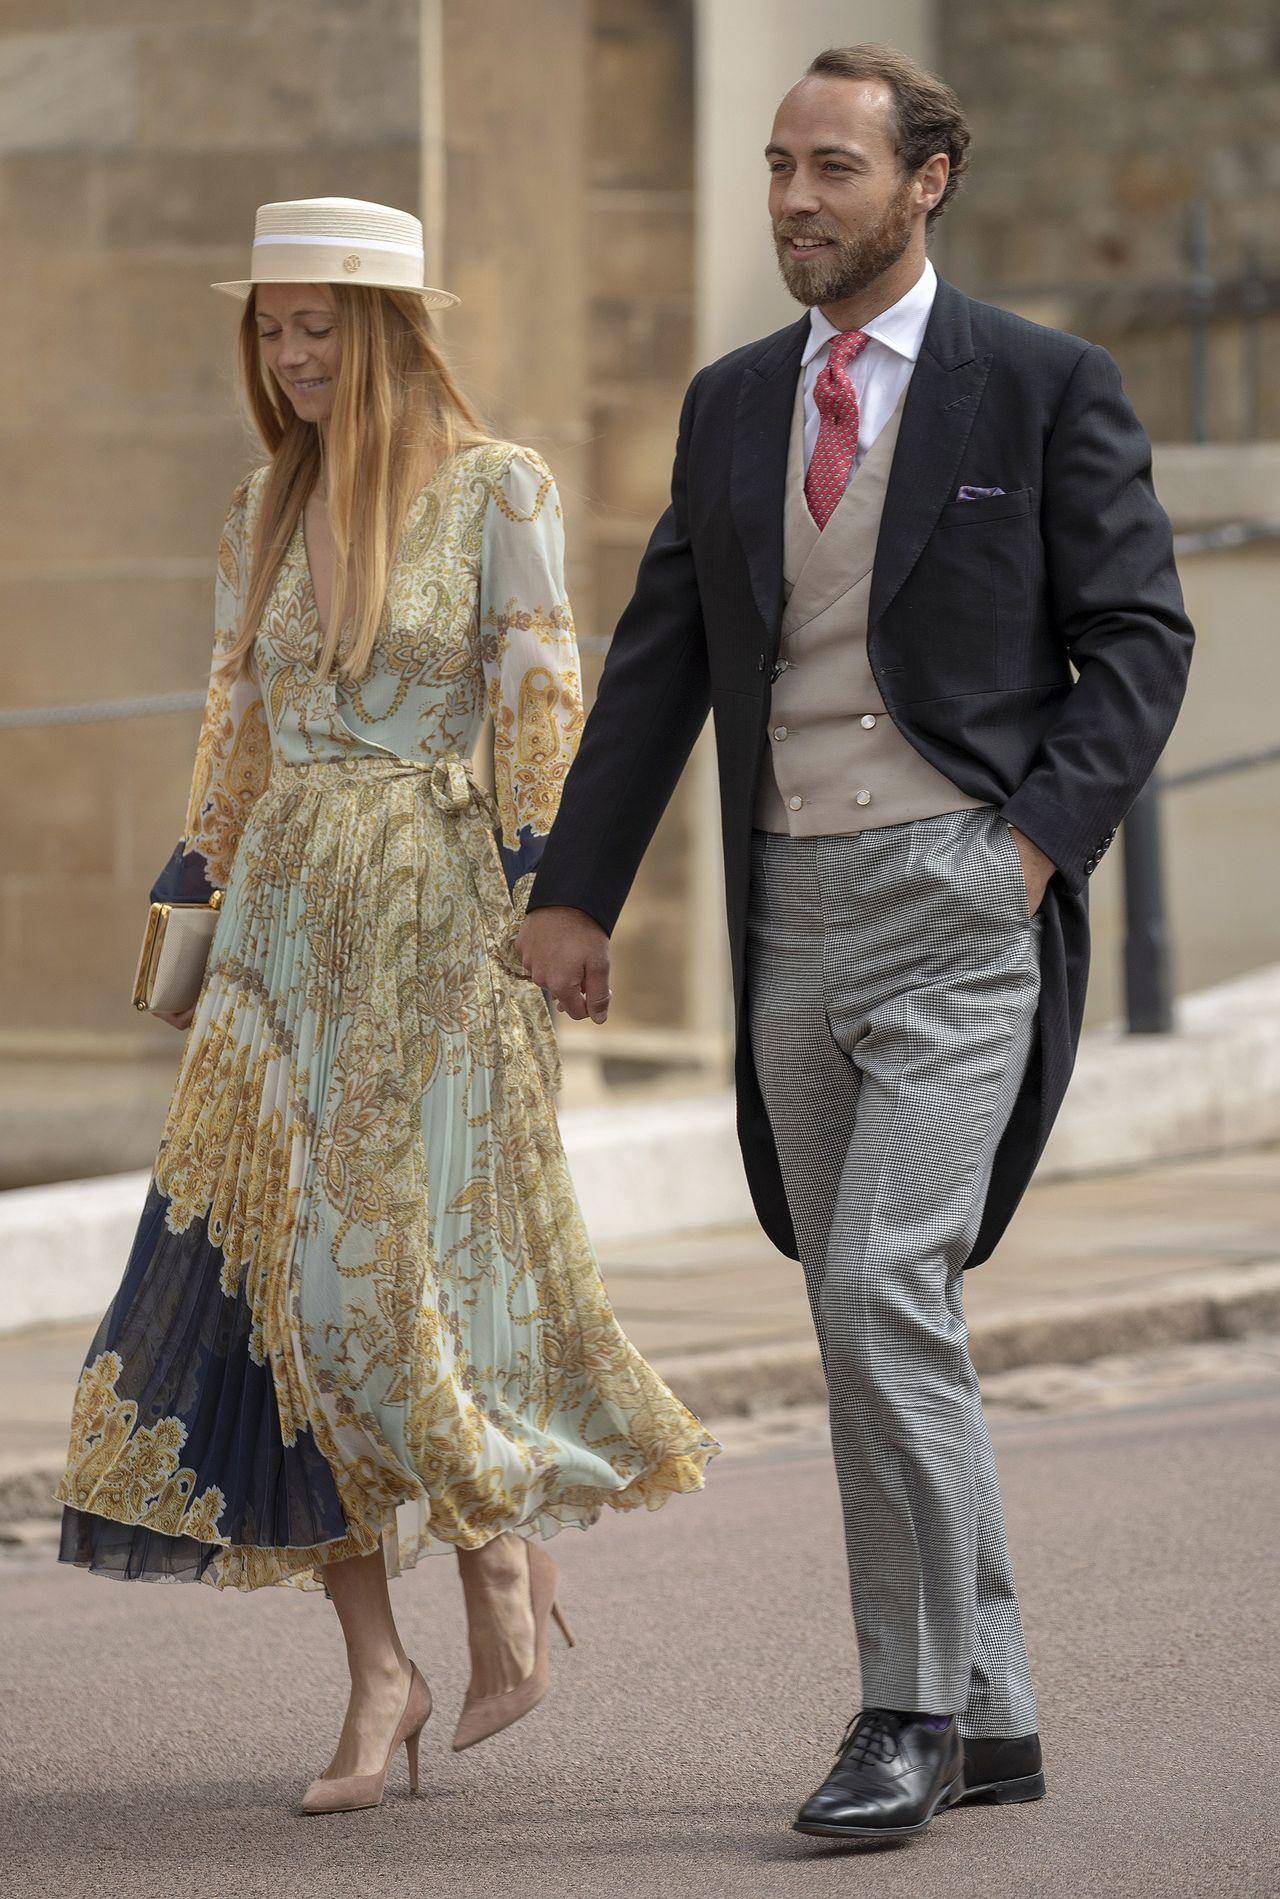 Alizee Thevenet i James Middleton w galowych strojach